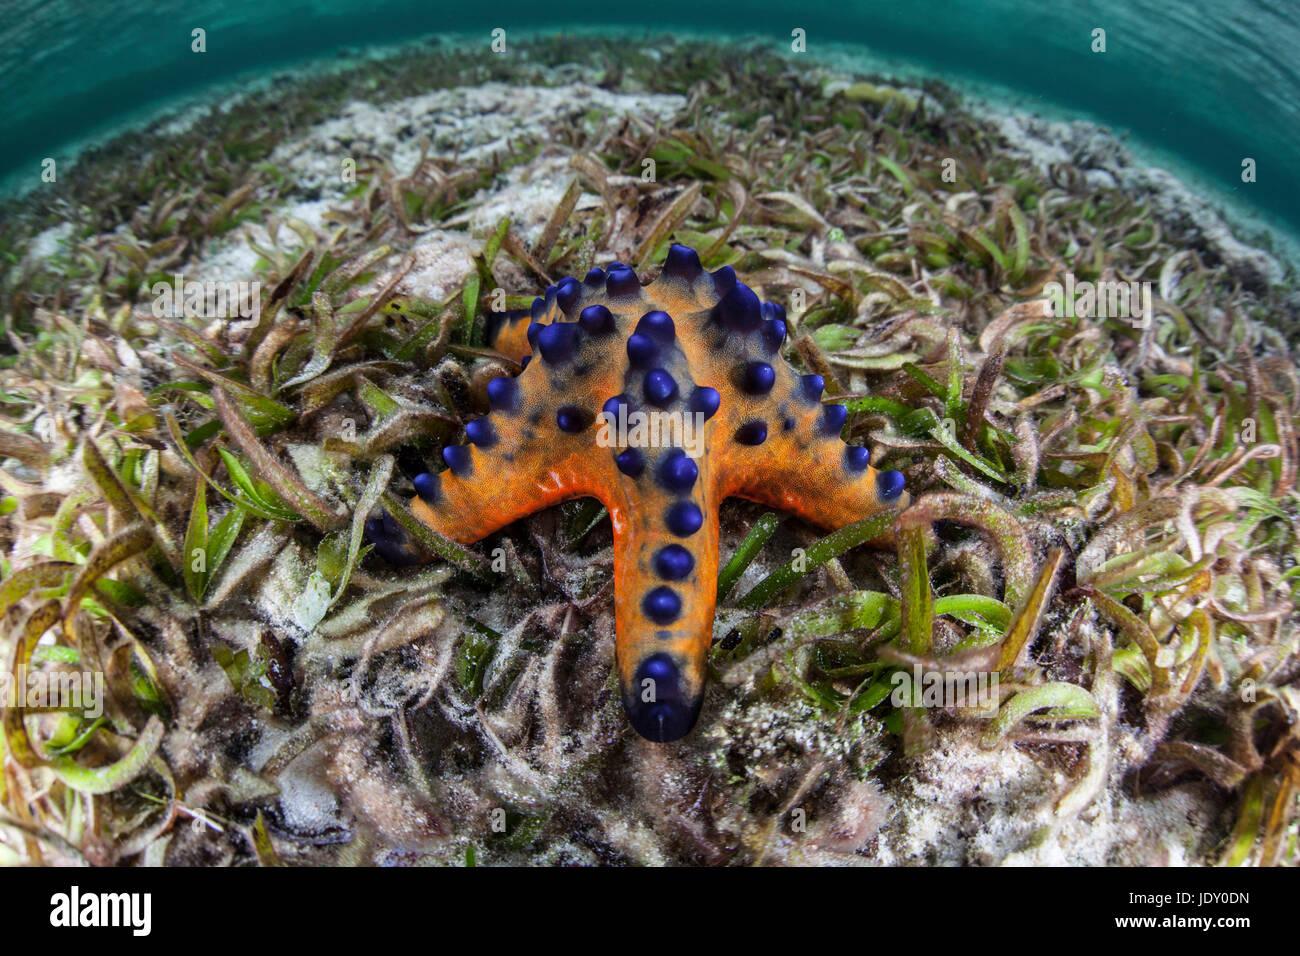 Chocolate Chip Starfish, Protoreaster nodosus, Wakatobi, Celebes ...